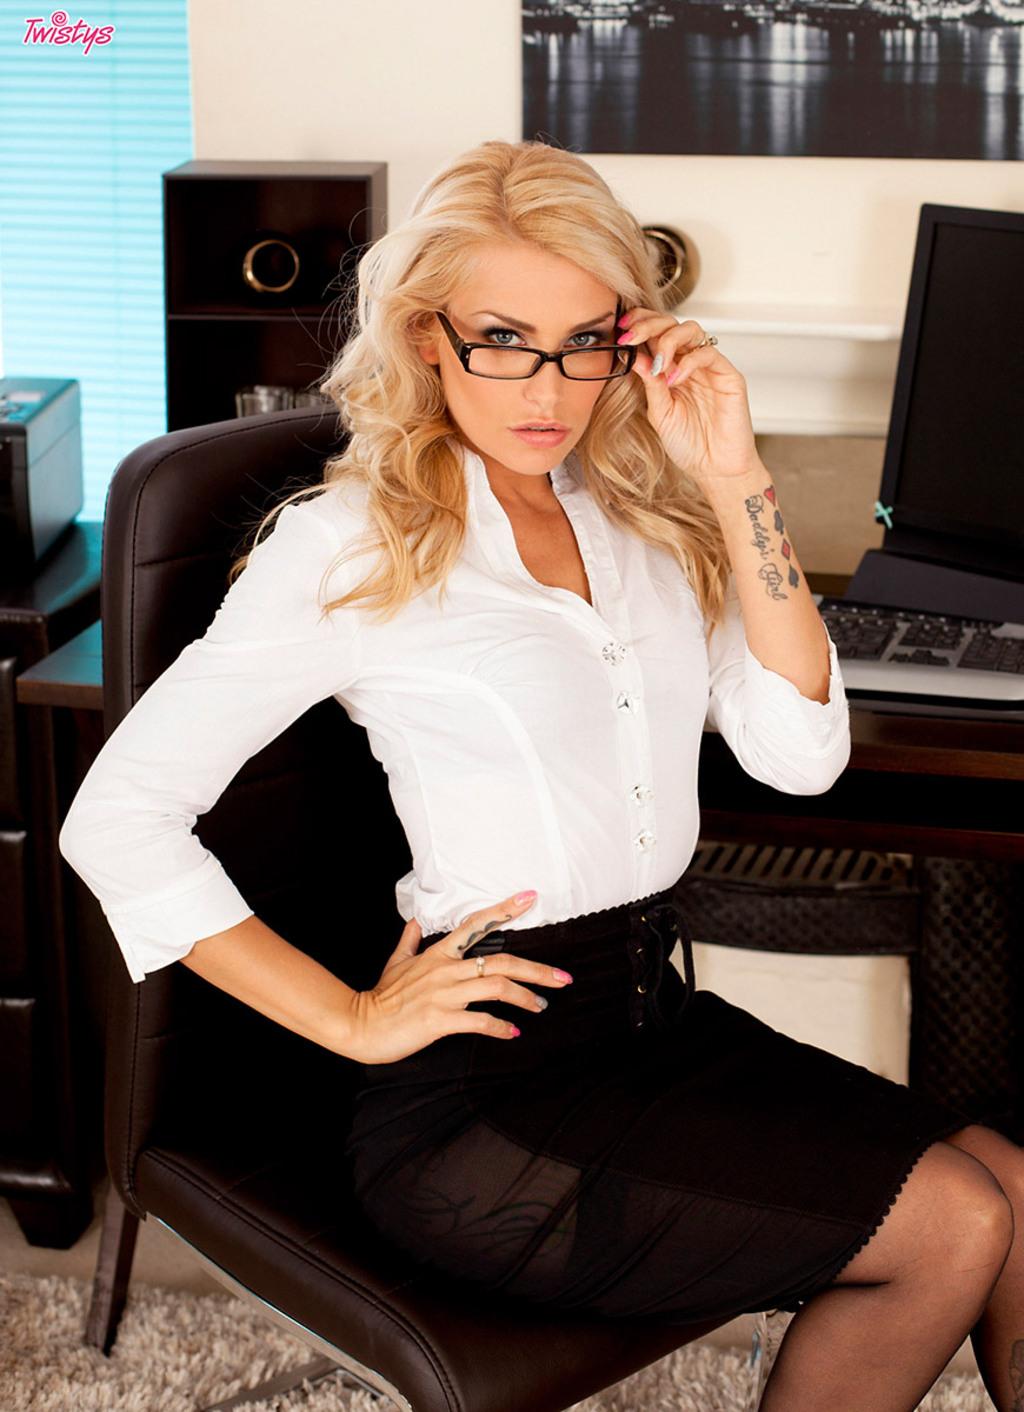 Natasha Marley голая секретарша в очках с татуировками.